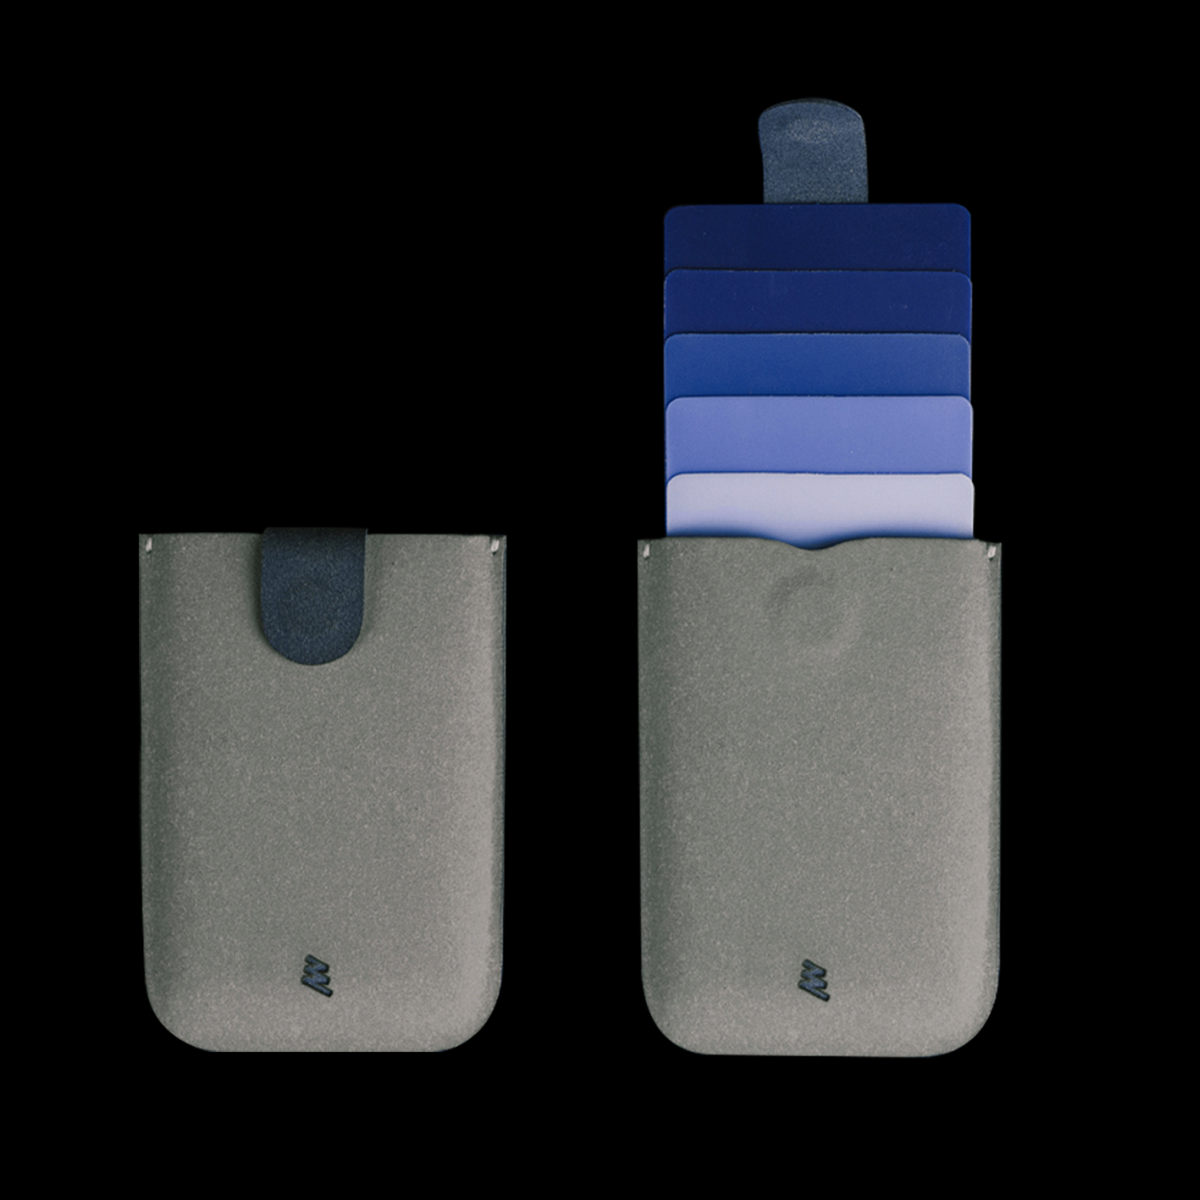 dax Cascading Pull Tab Wallet V2.0 - Grey / Blue